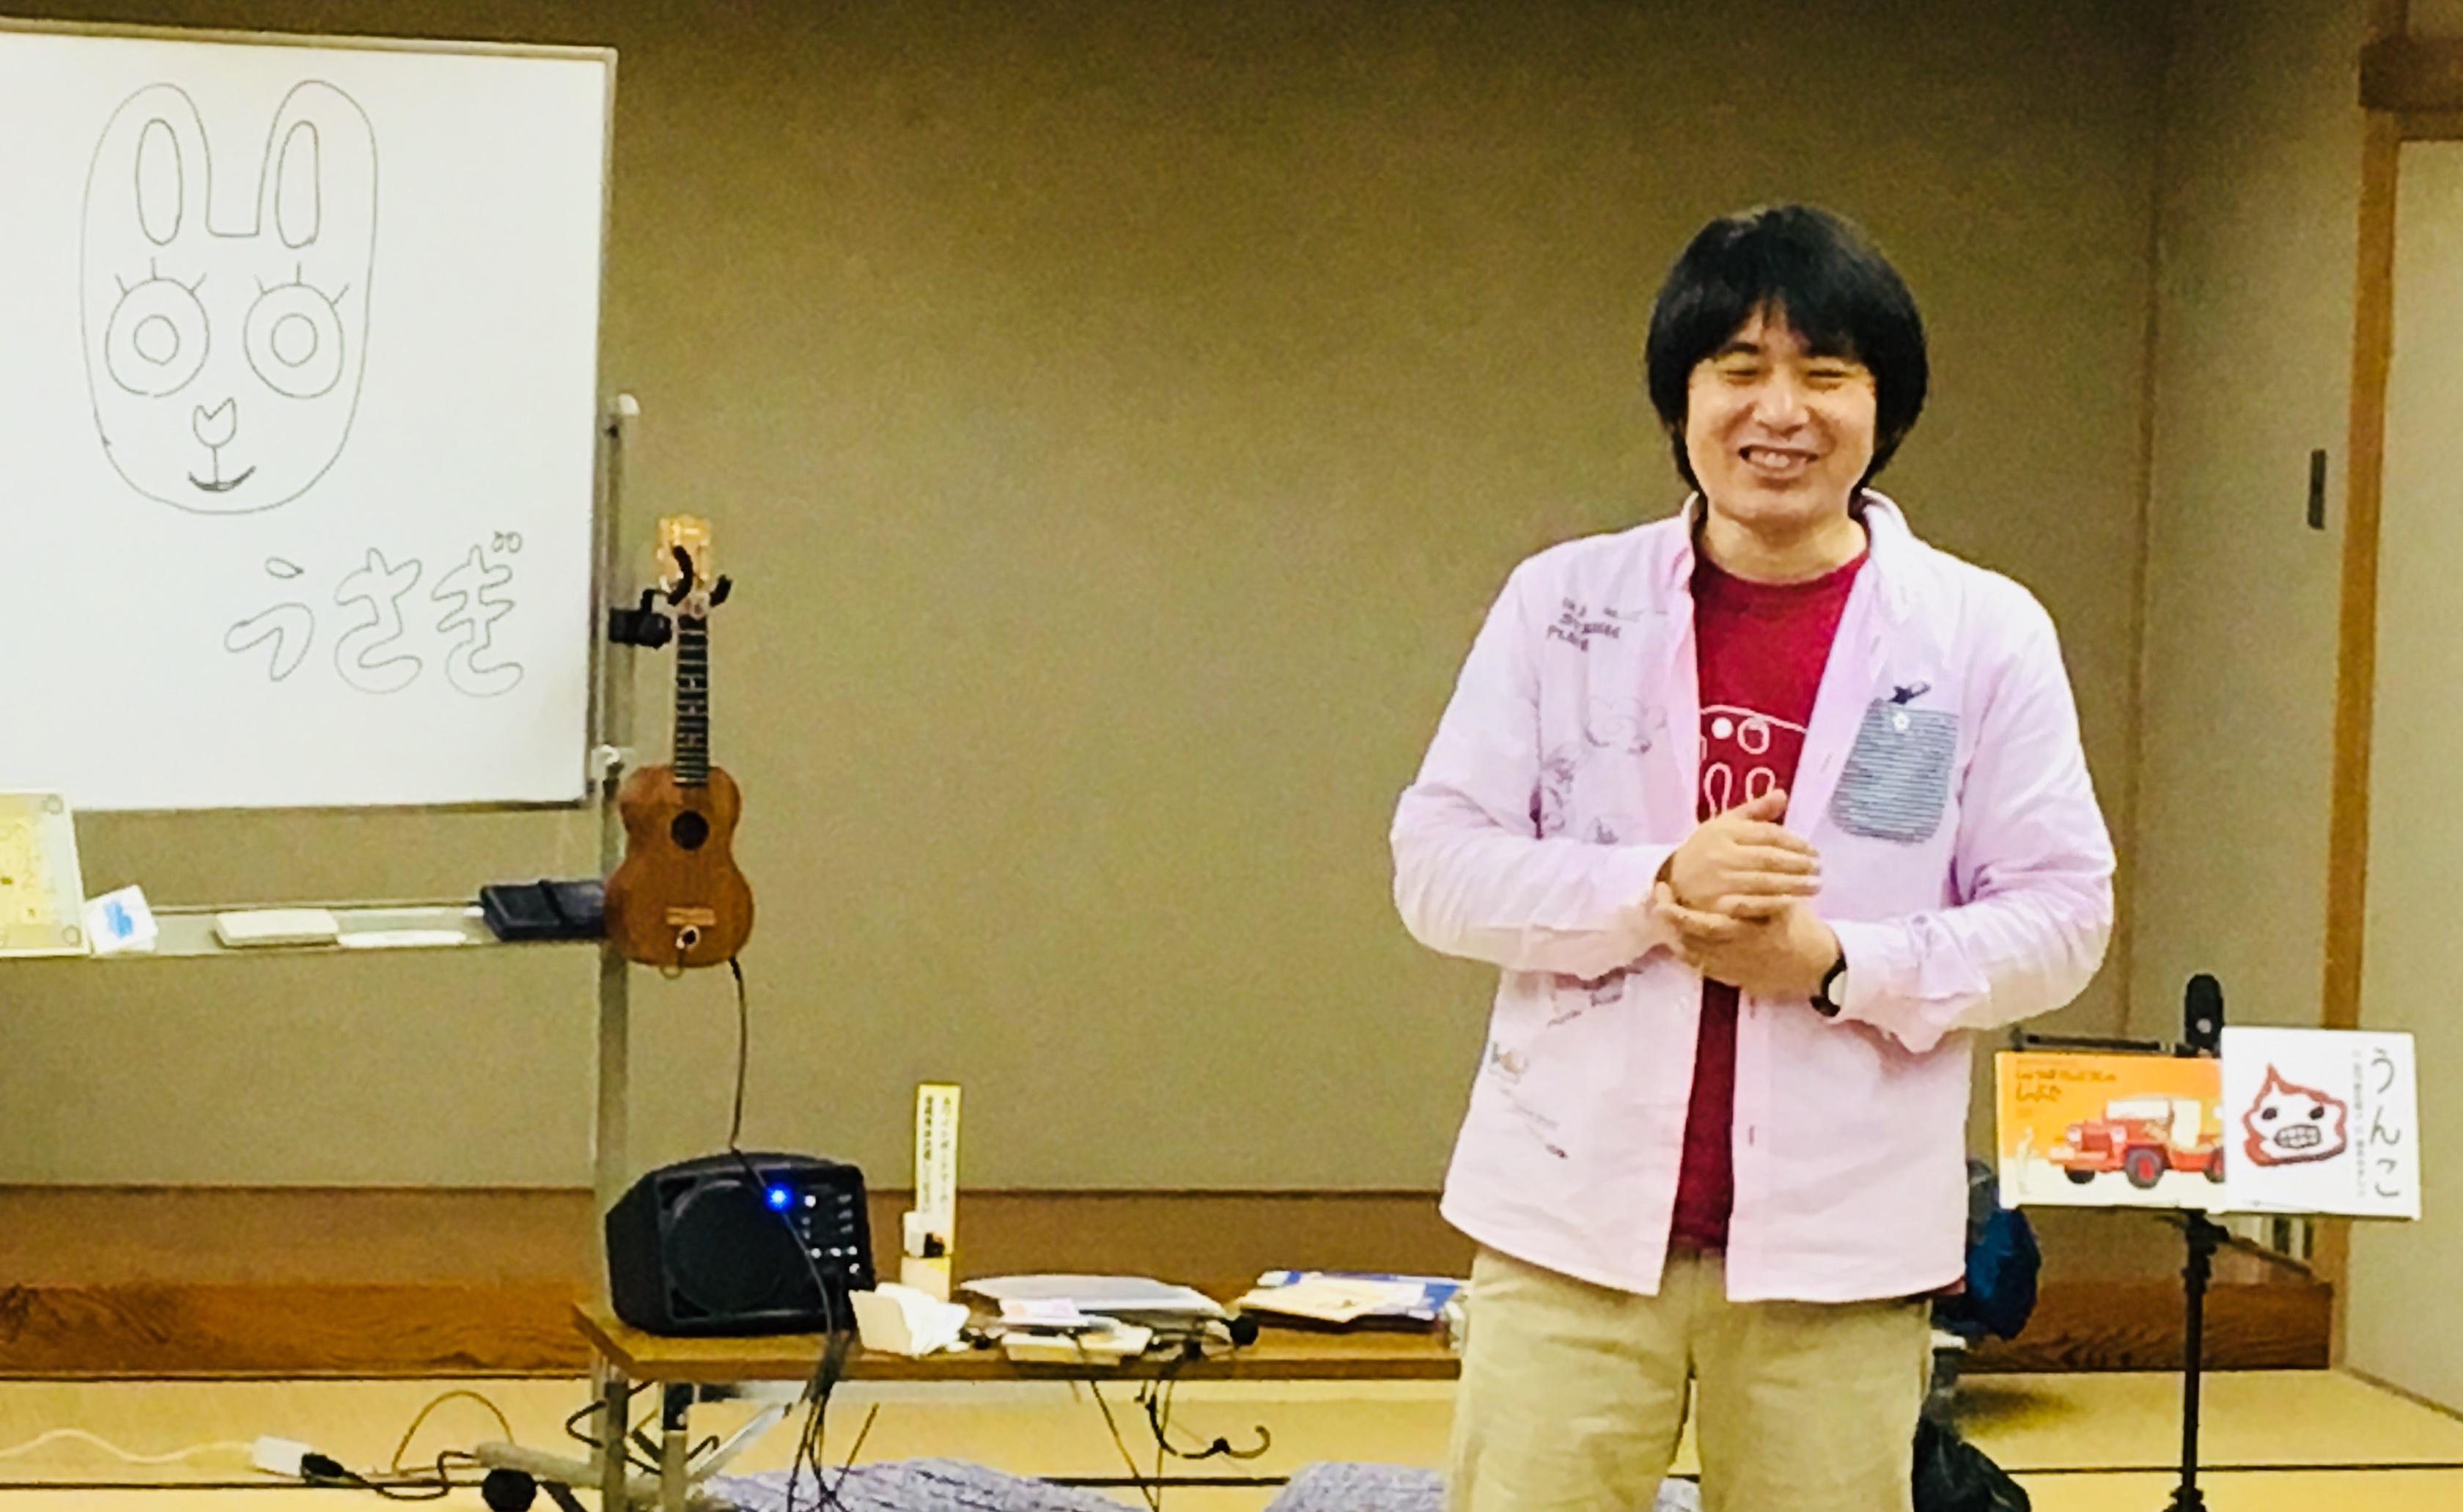 葉山で西村直人さんの絵本講座。西村さんが逗子に来ると快晴なり。